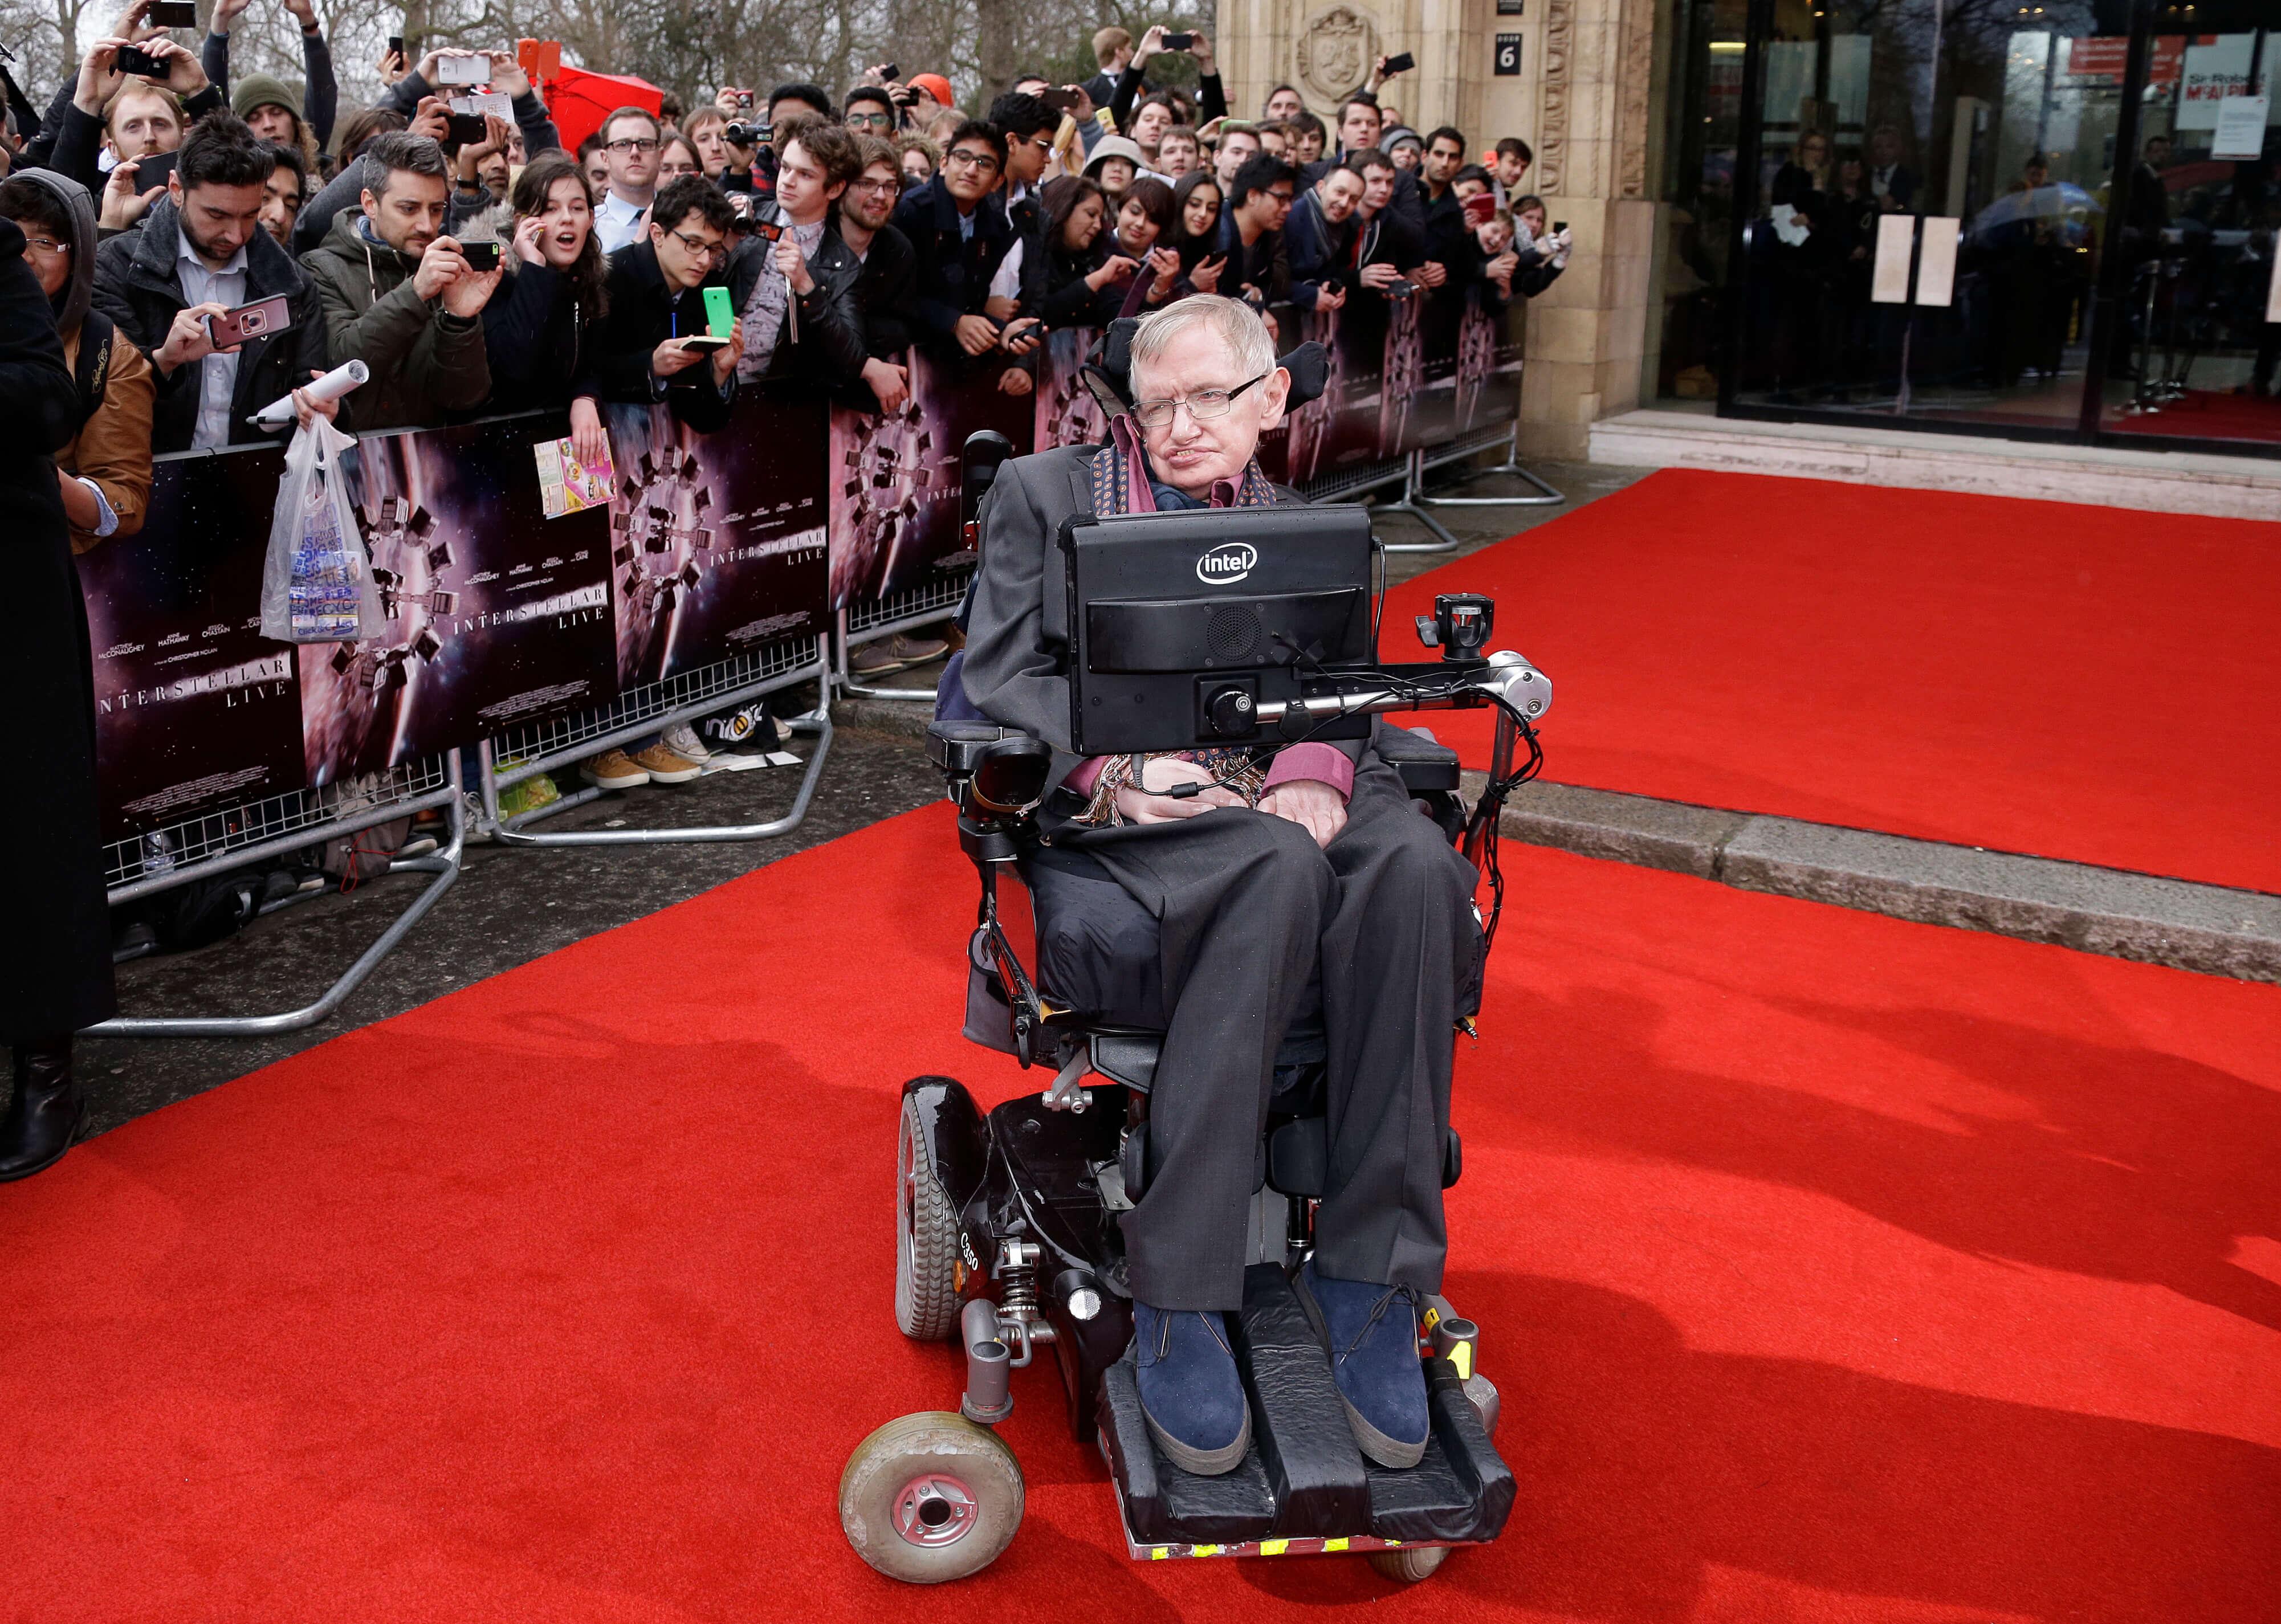 FOTO Enfermera de Stephen Hawking no atendió bien al científico y ya fue suspendida de su oficio AP londres